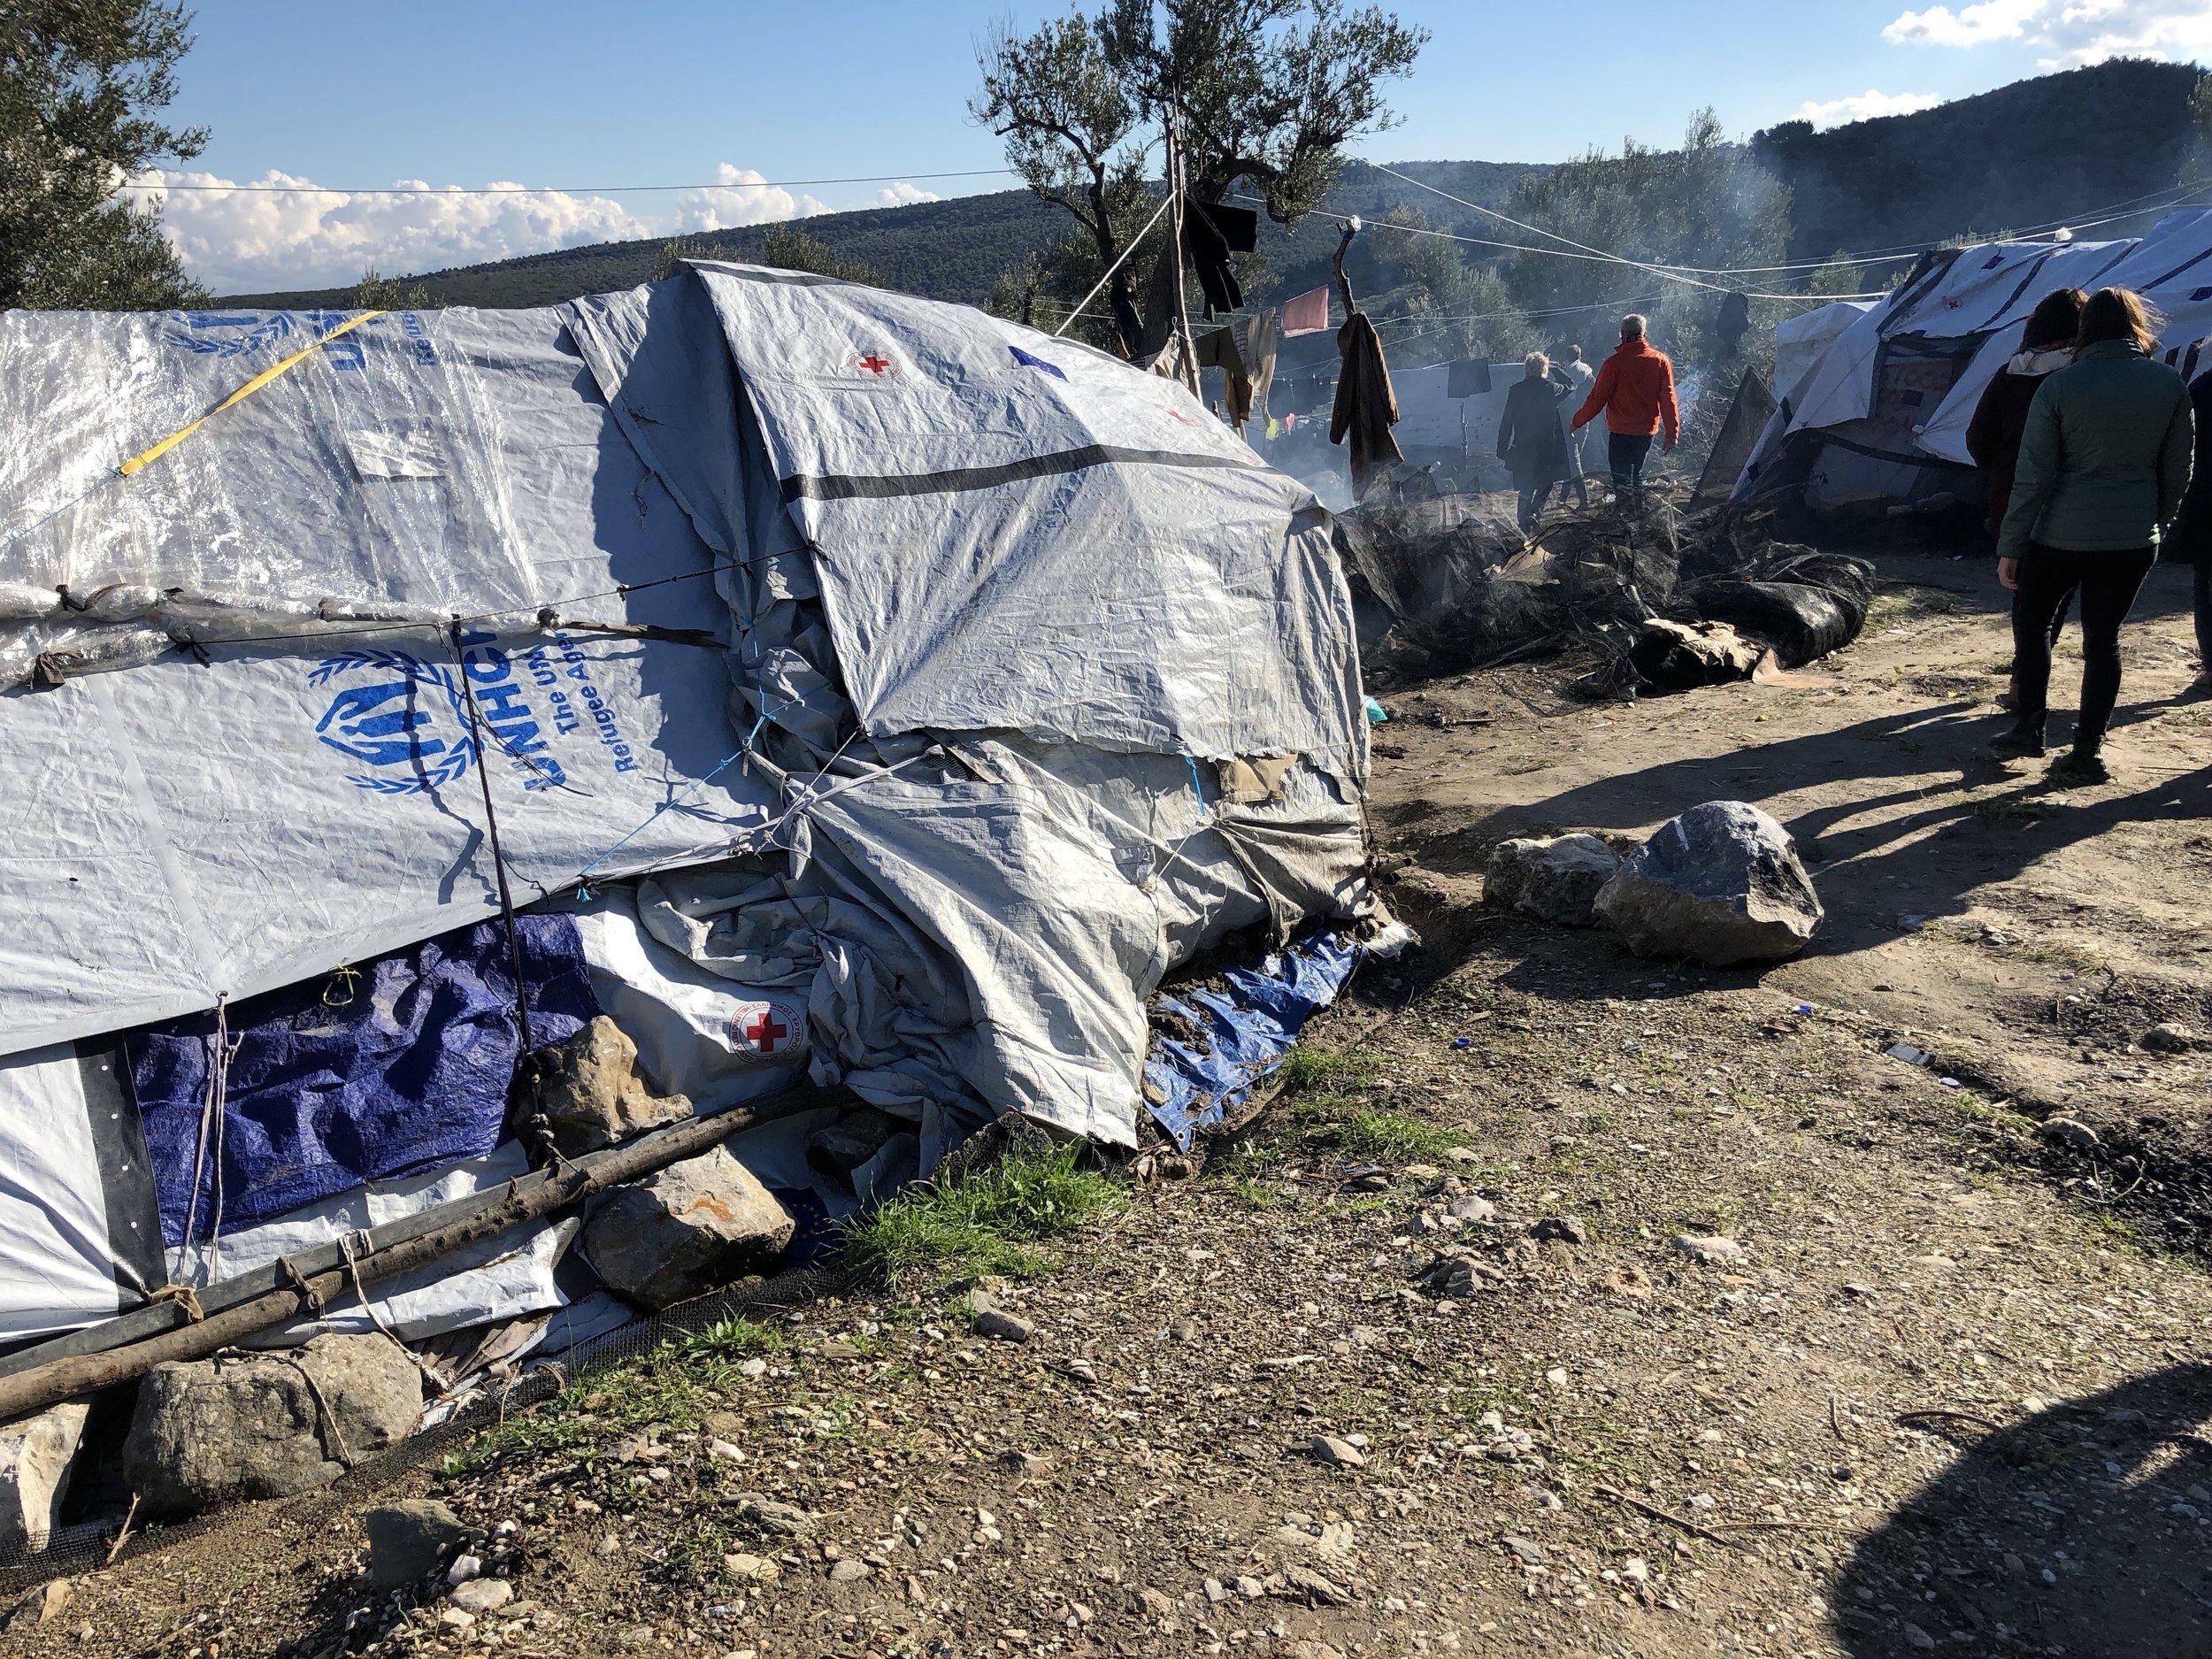 Moria refugee camp, lesbos greece - December 2018